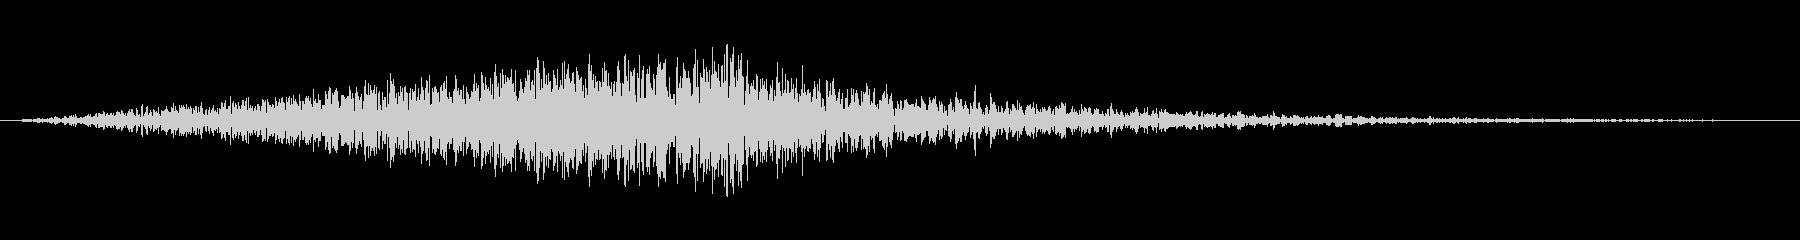 風音02(ピュー/短い系)の未再生の波形